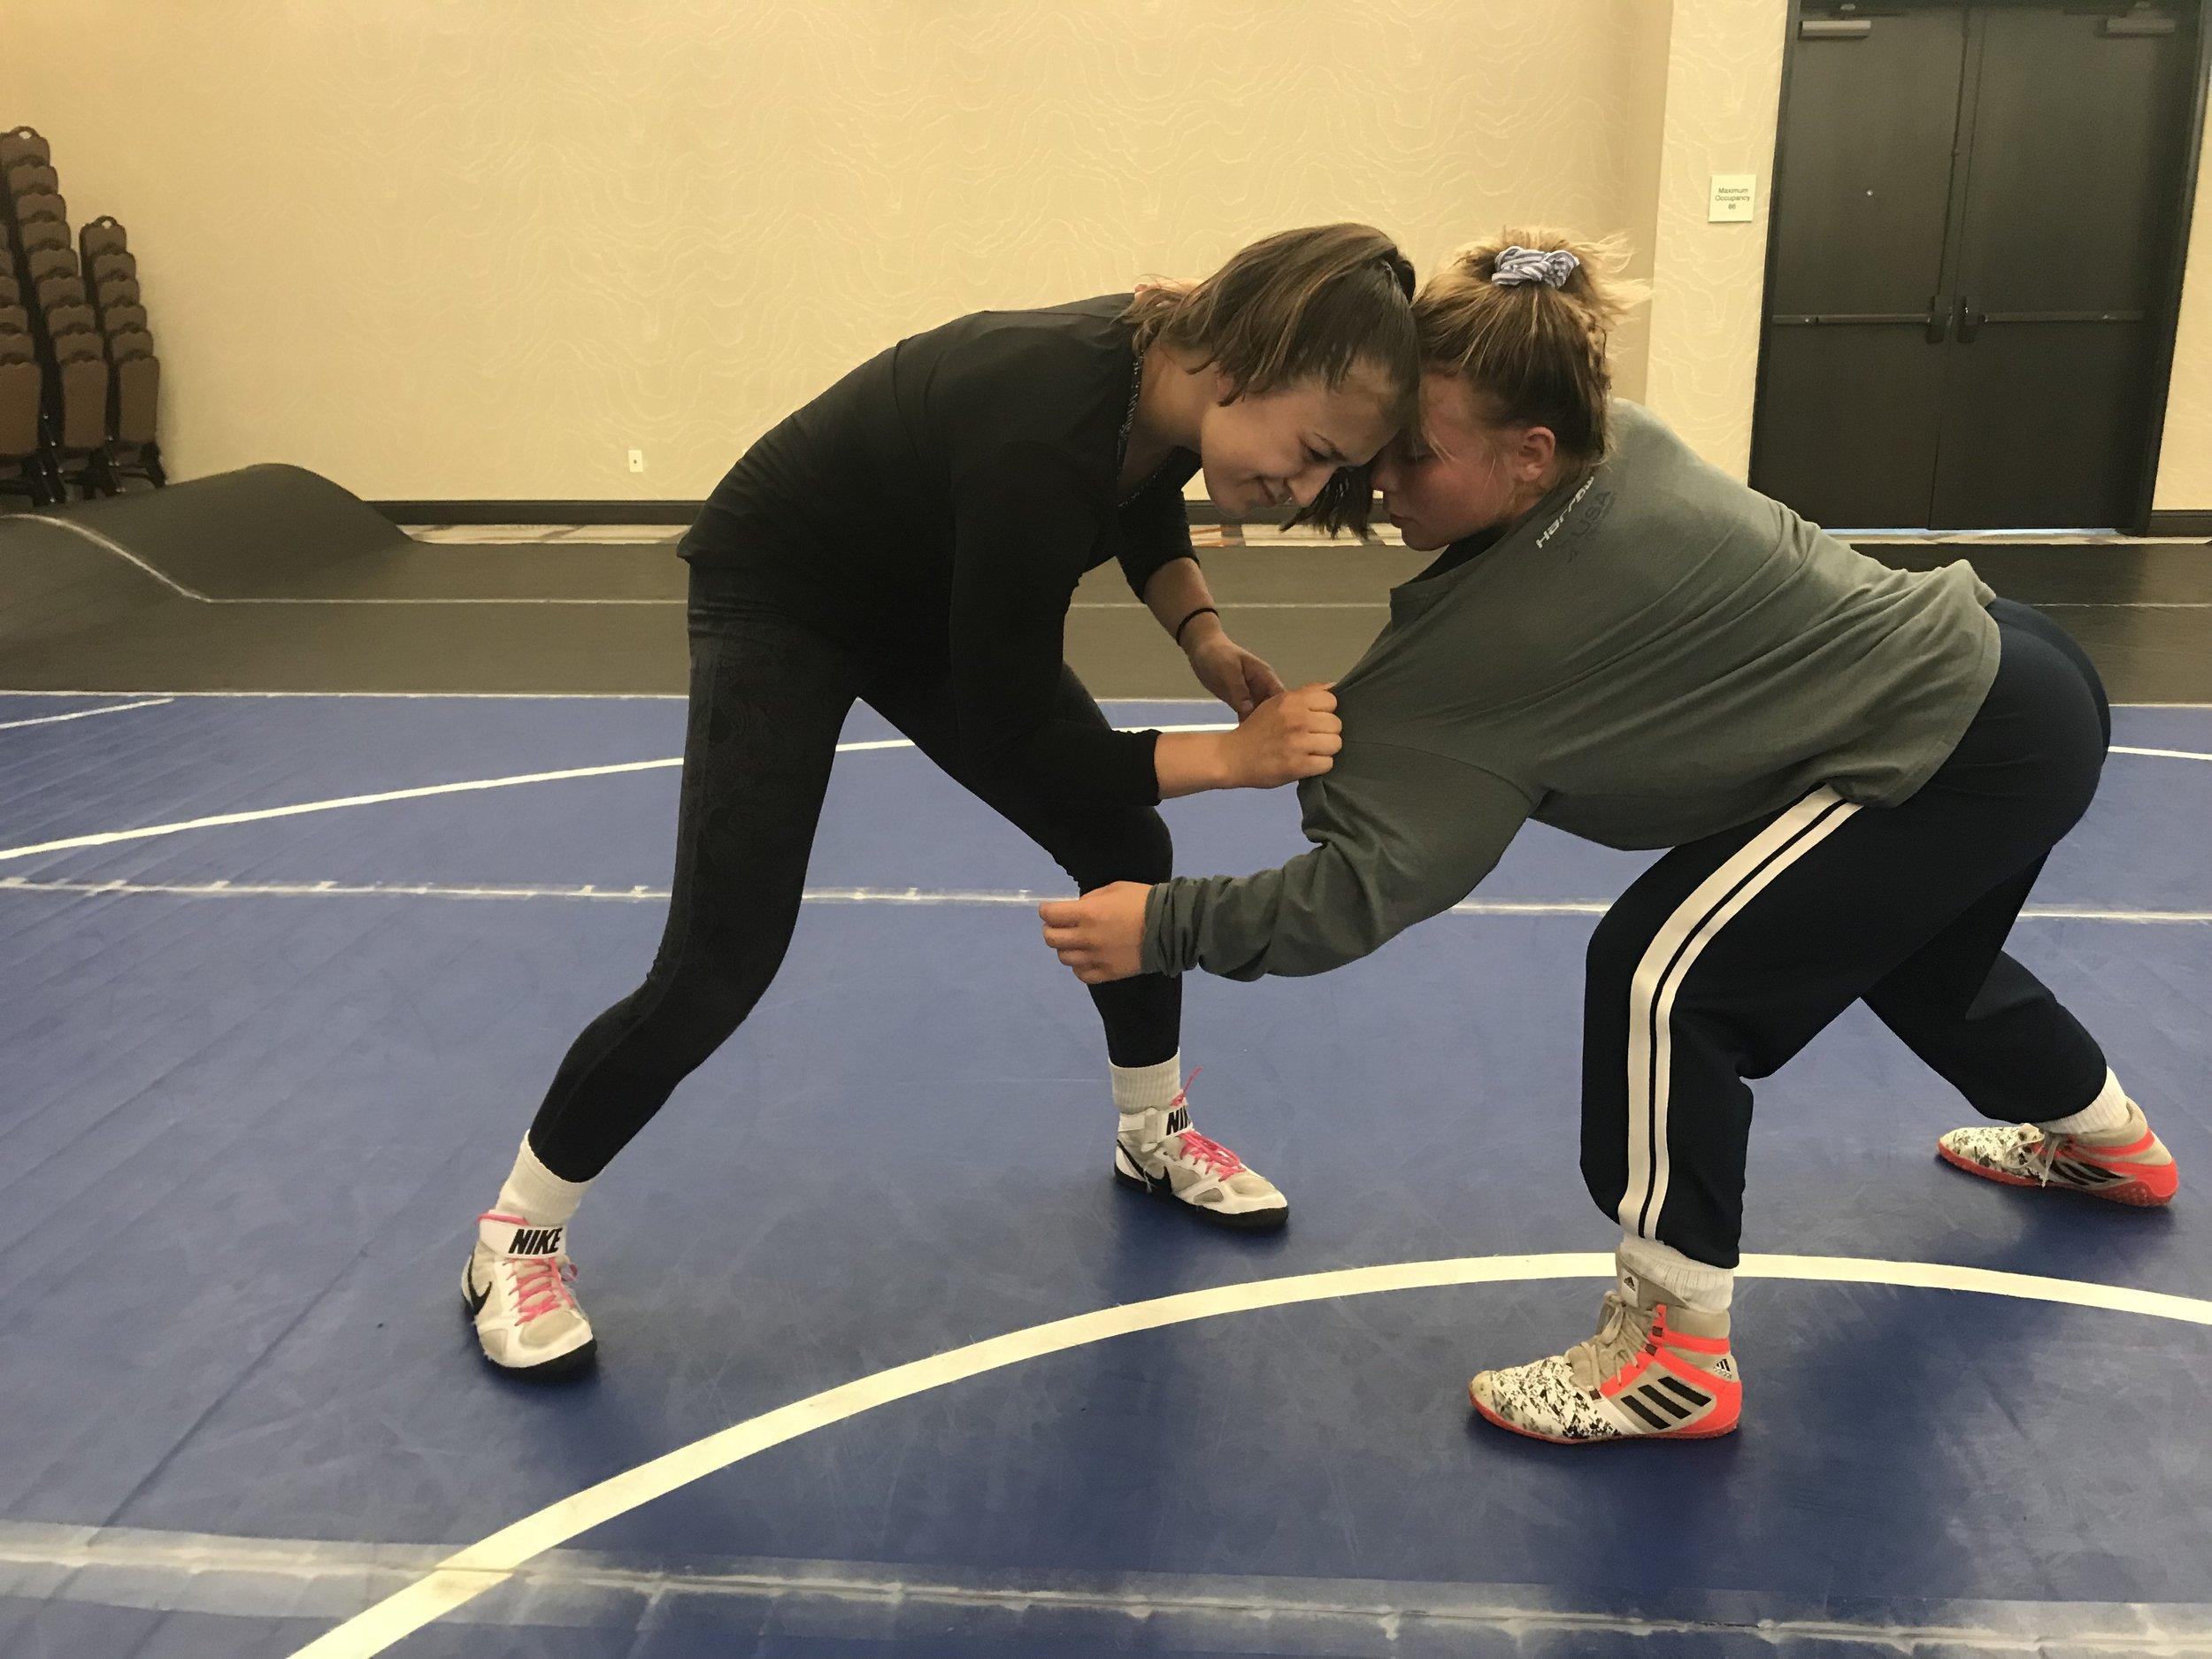 Wrestling Gear Doesn't Cut it for Women